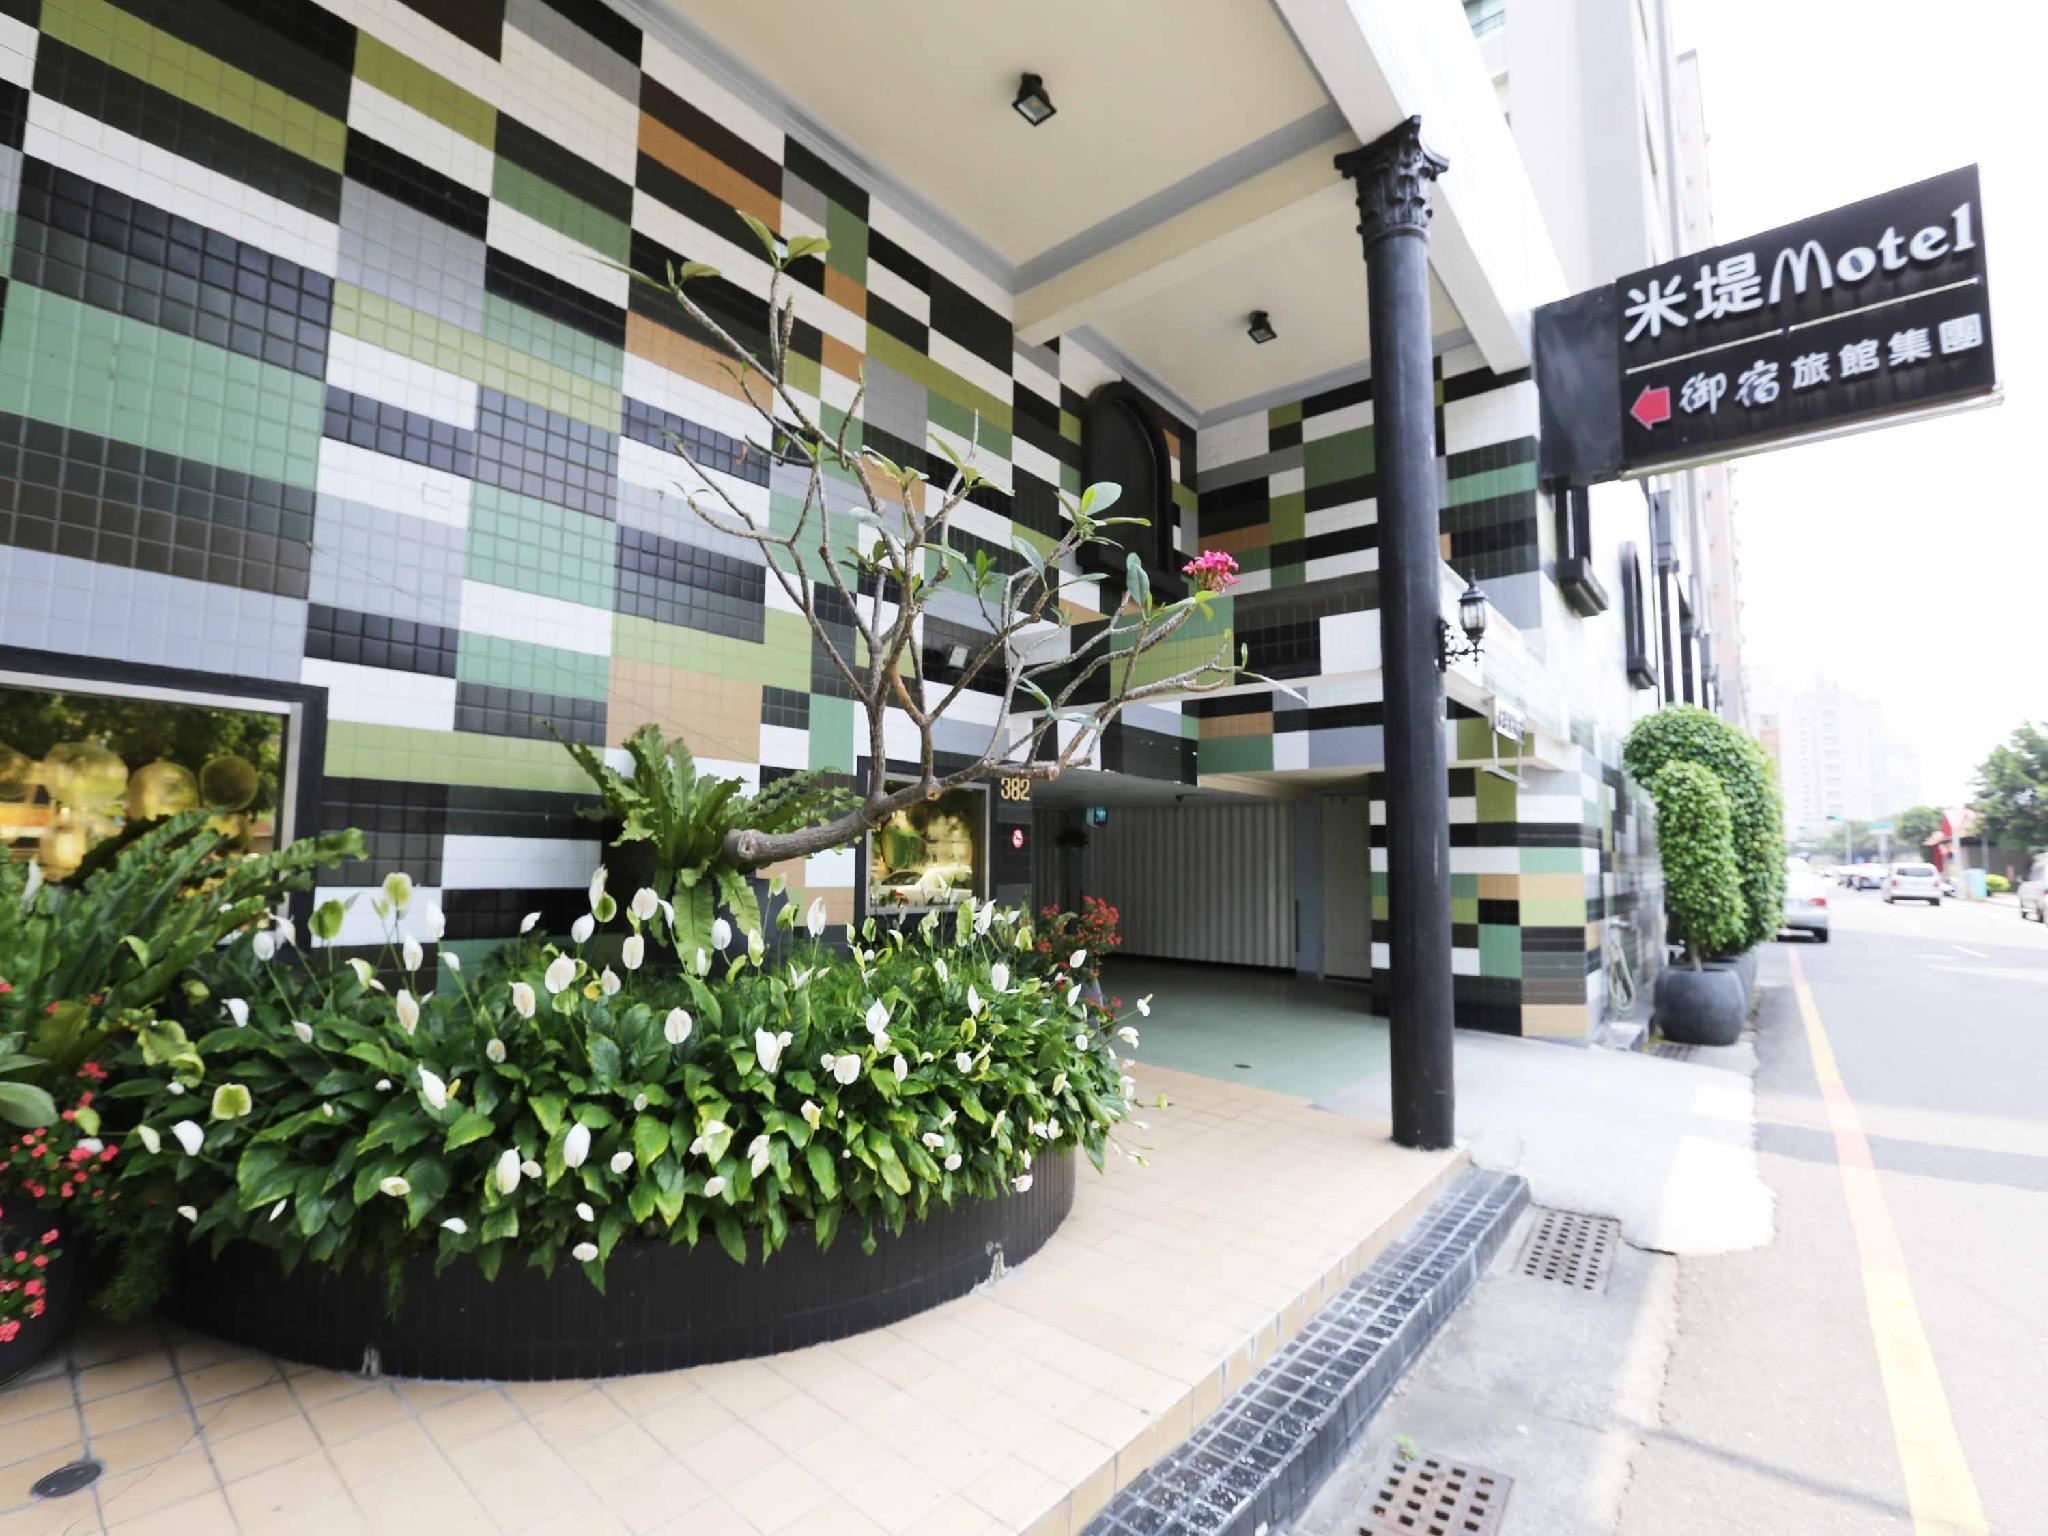 Midi Motel Tai Nan Branch